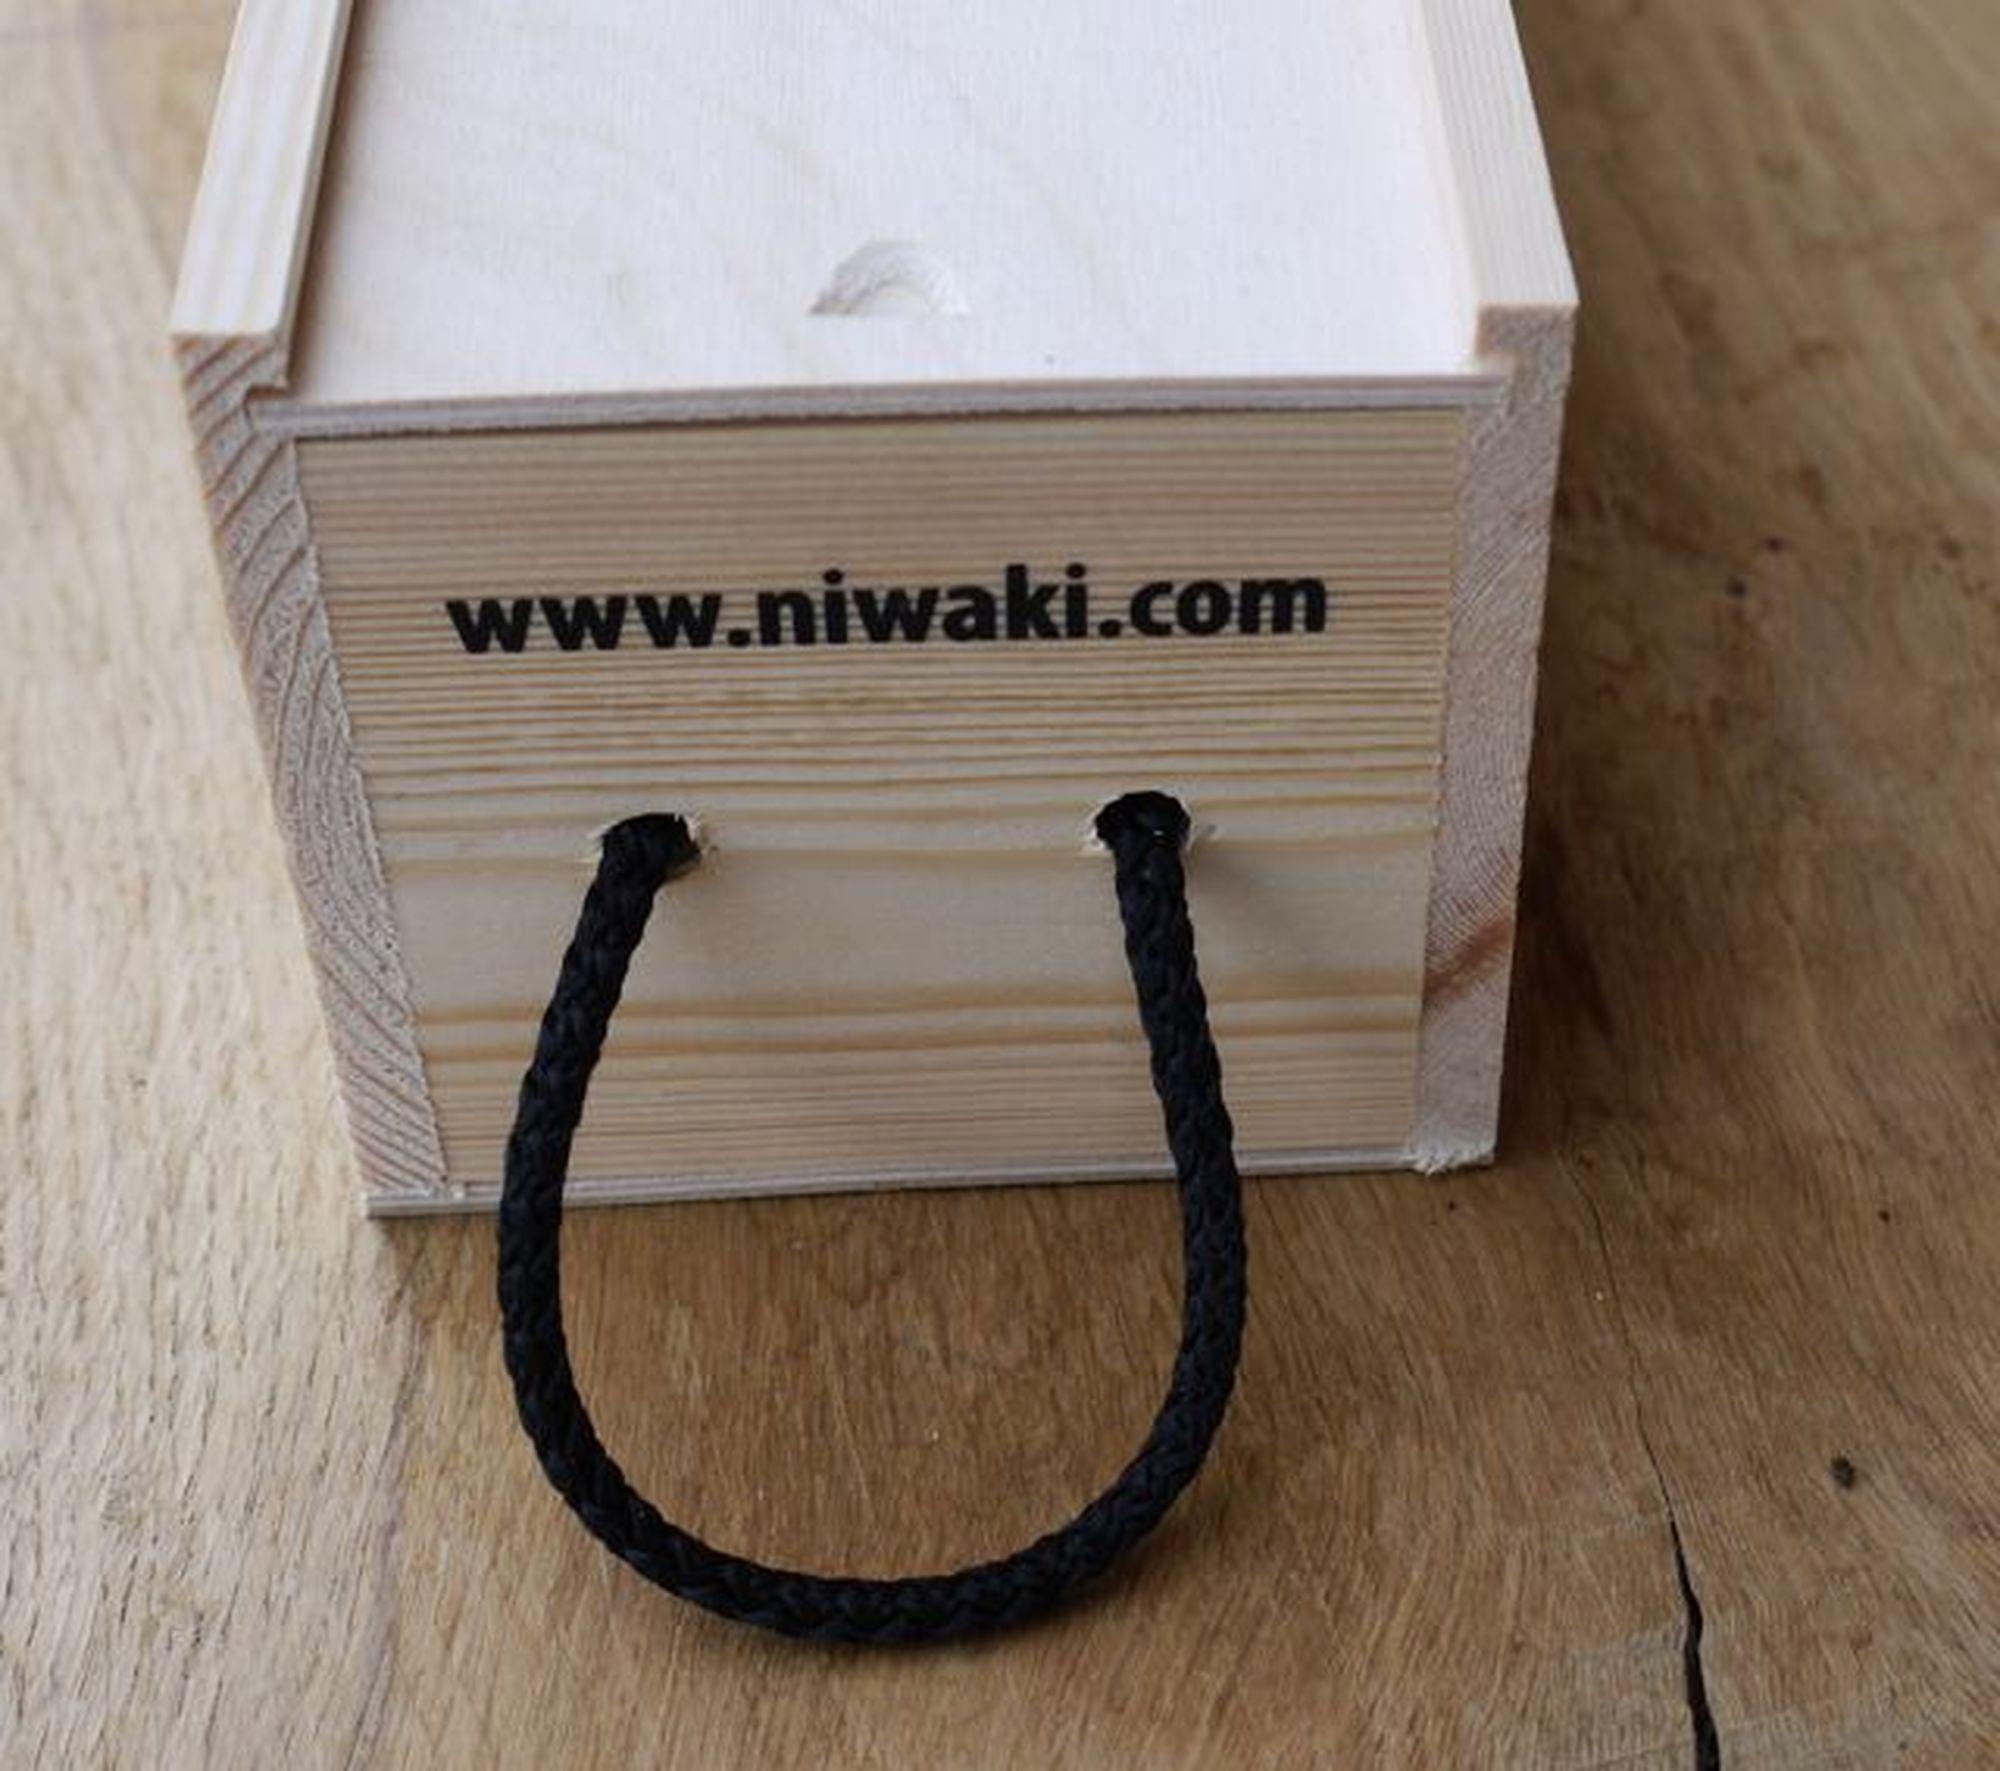 niwaki box